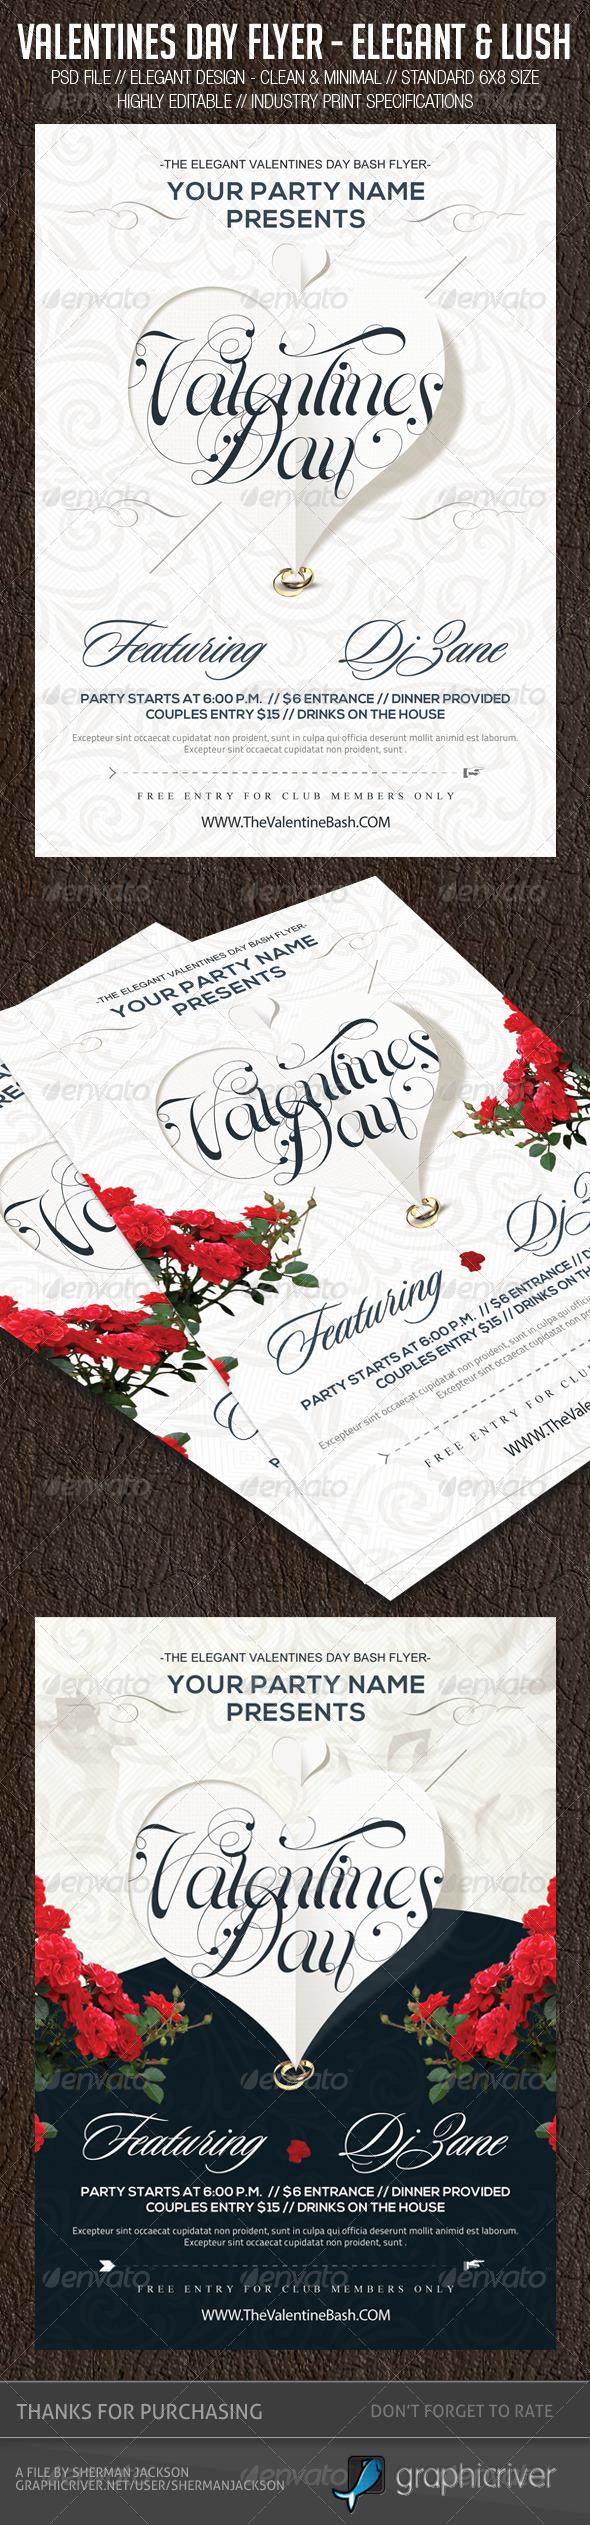 GraphicRiver Valentines Day Flyer Elegant & Lush 6606287